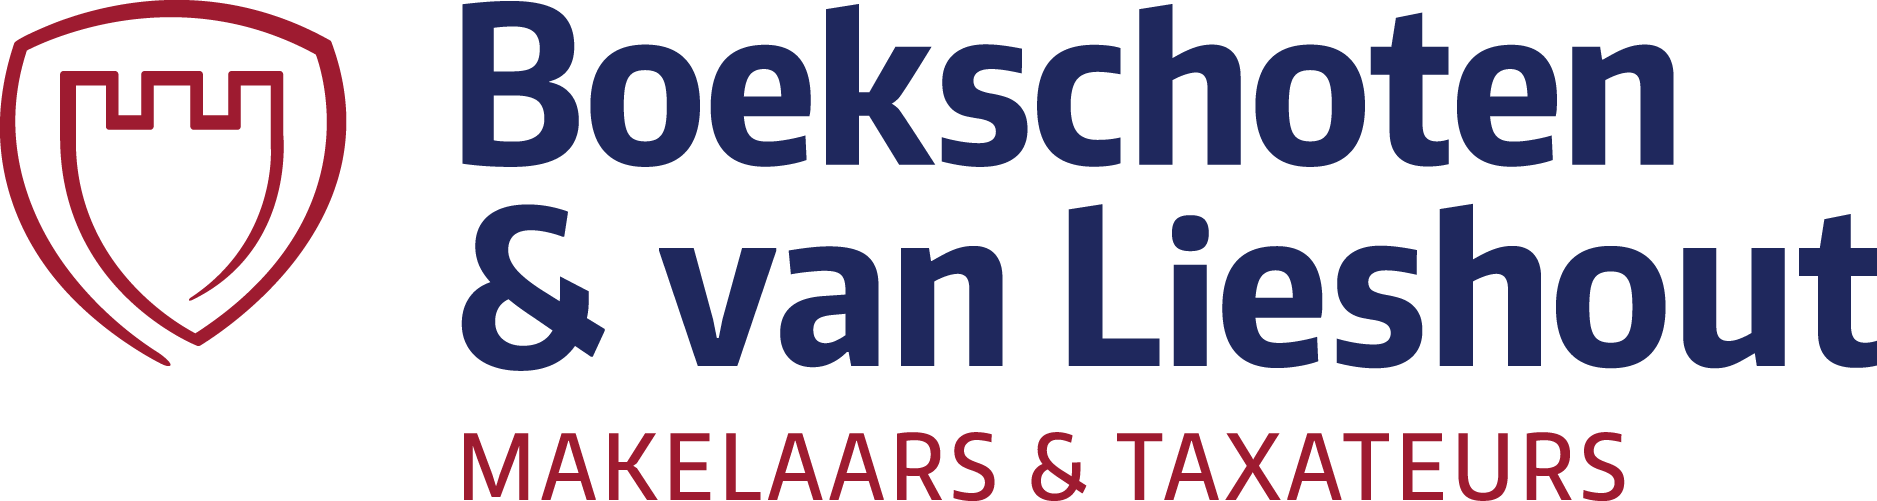 Logo Boekschoten & van Lieshout Makelaars & Taxateurs